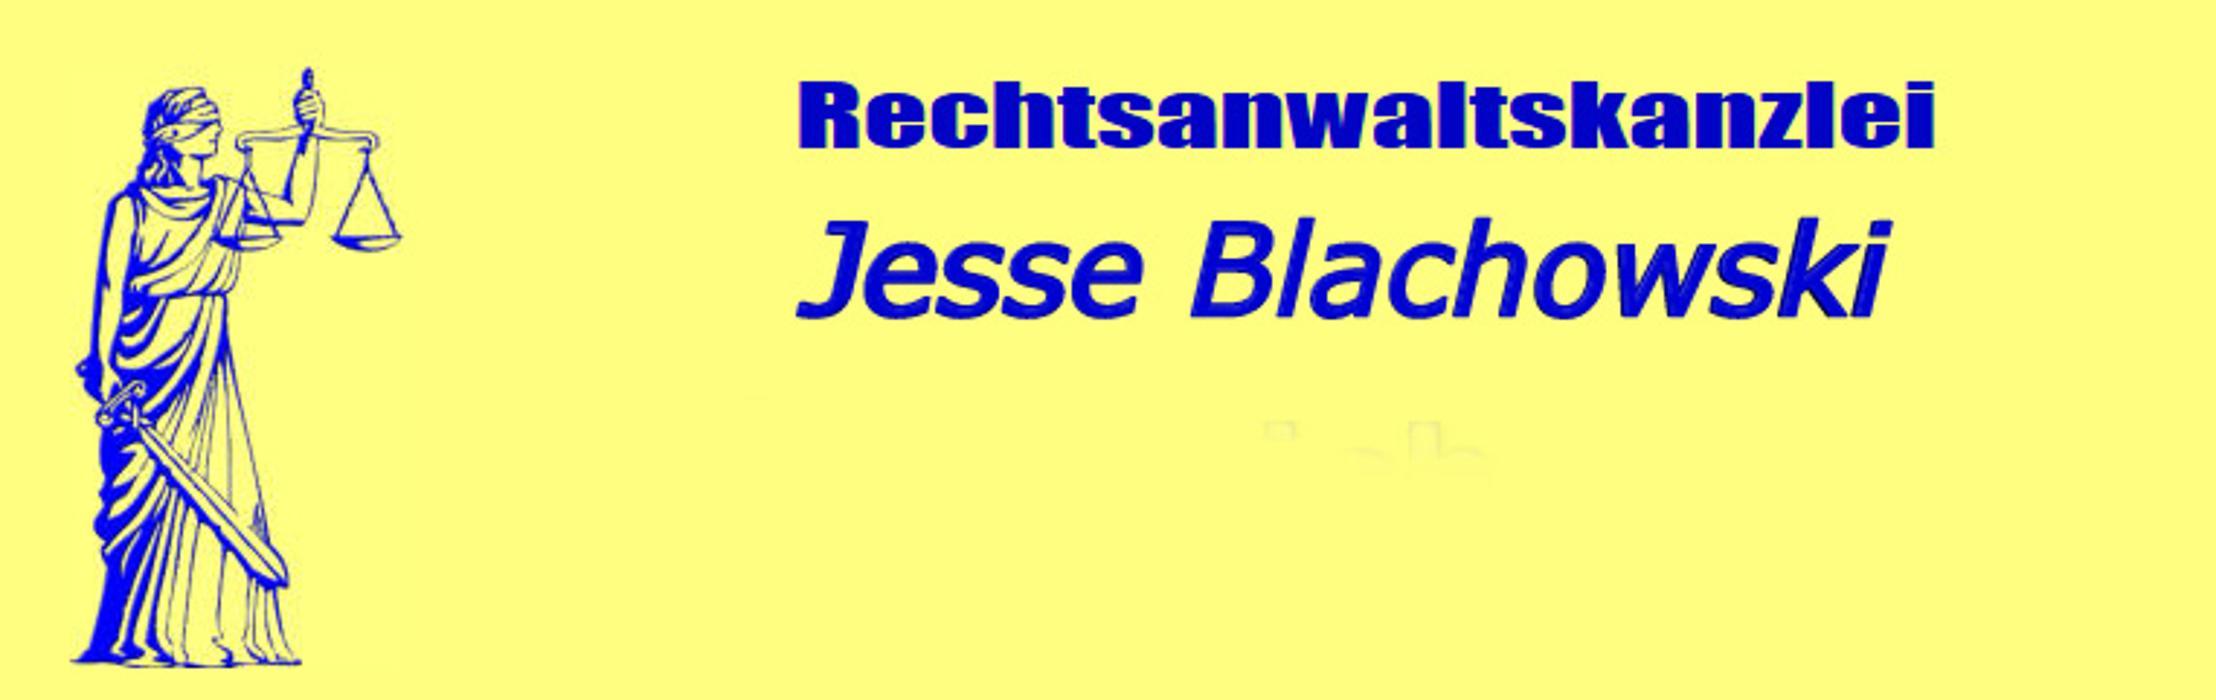 Bild zu Rechtsanwalt Jesse Blachowski in Cottbus